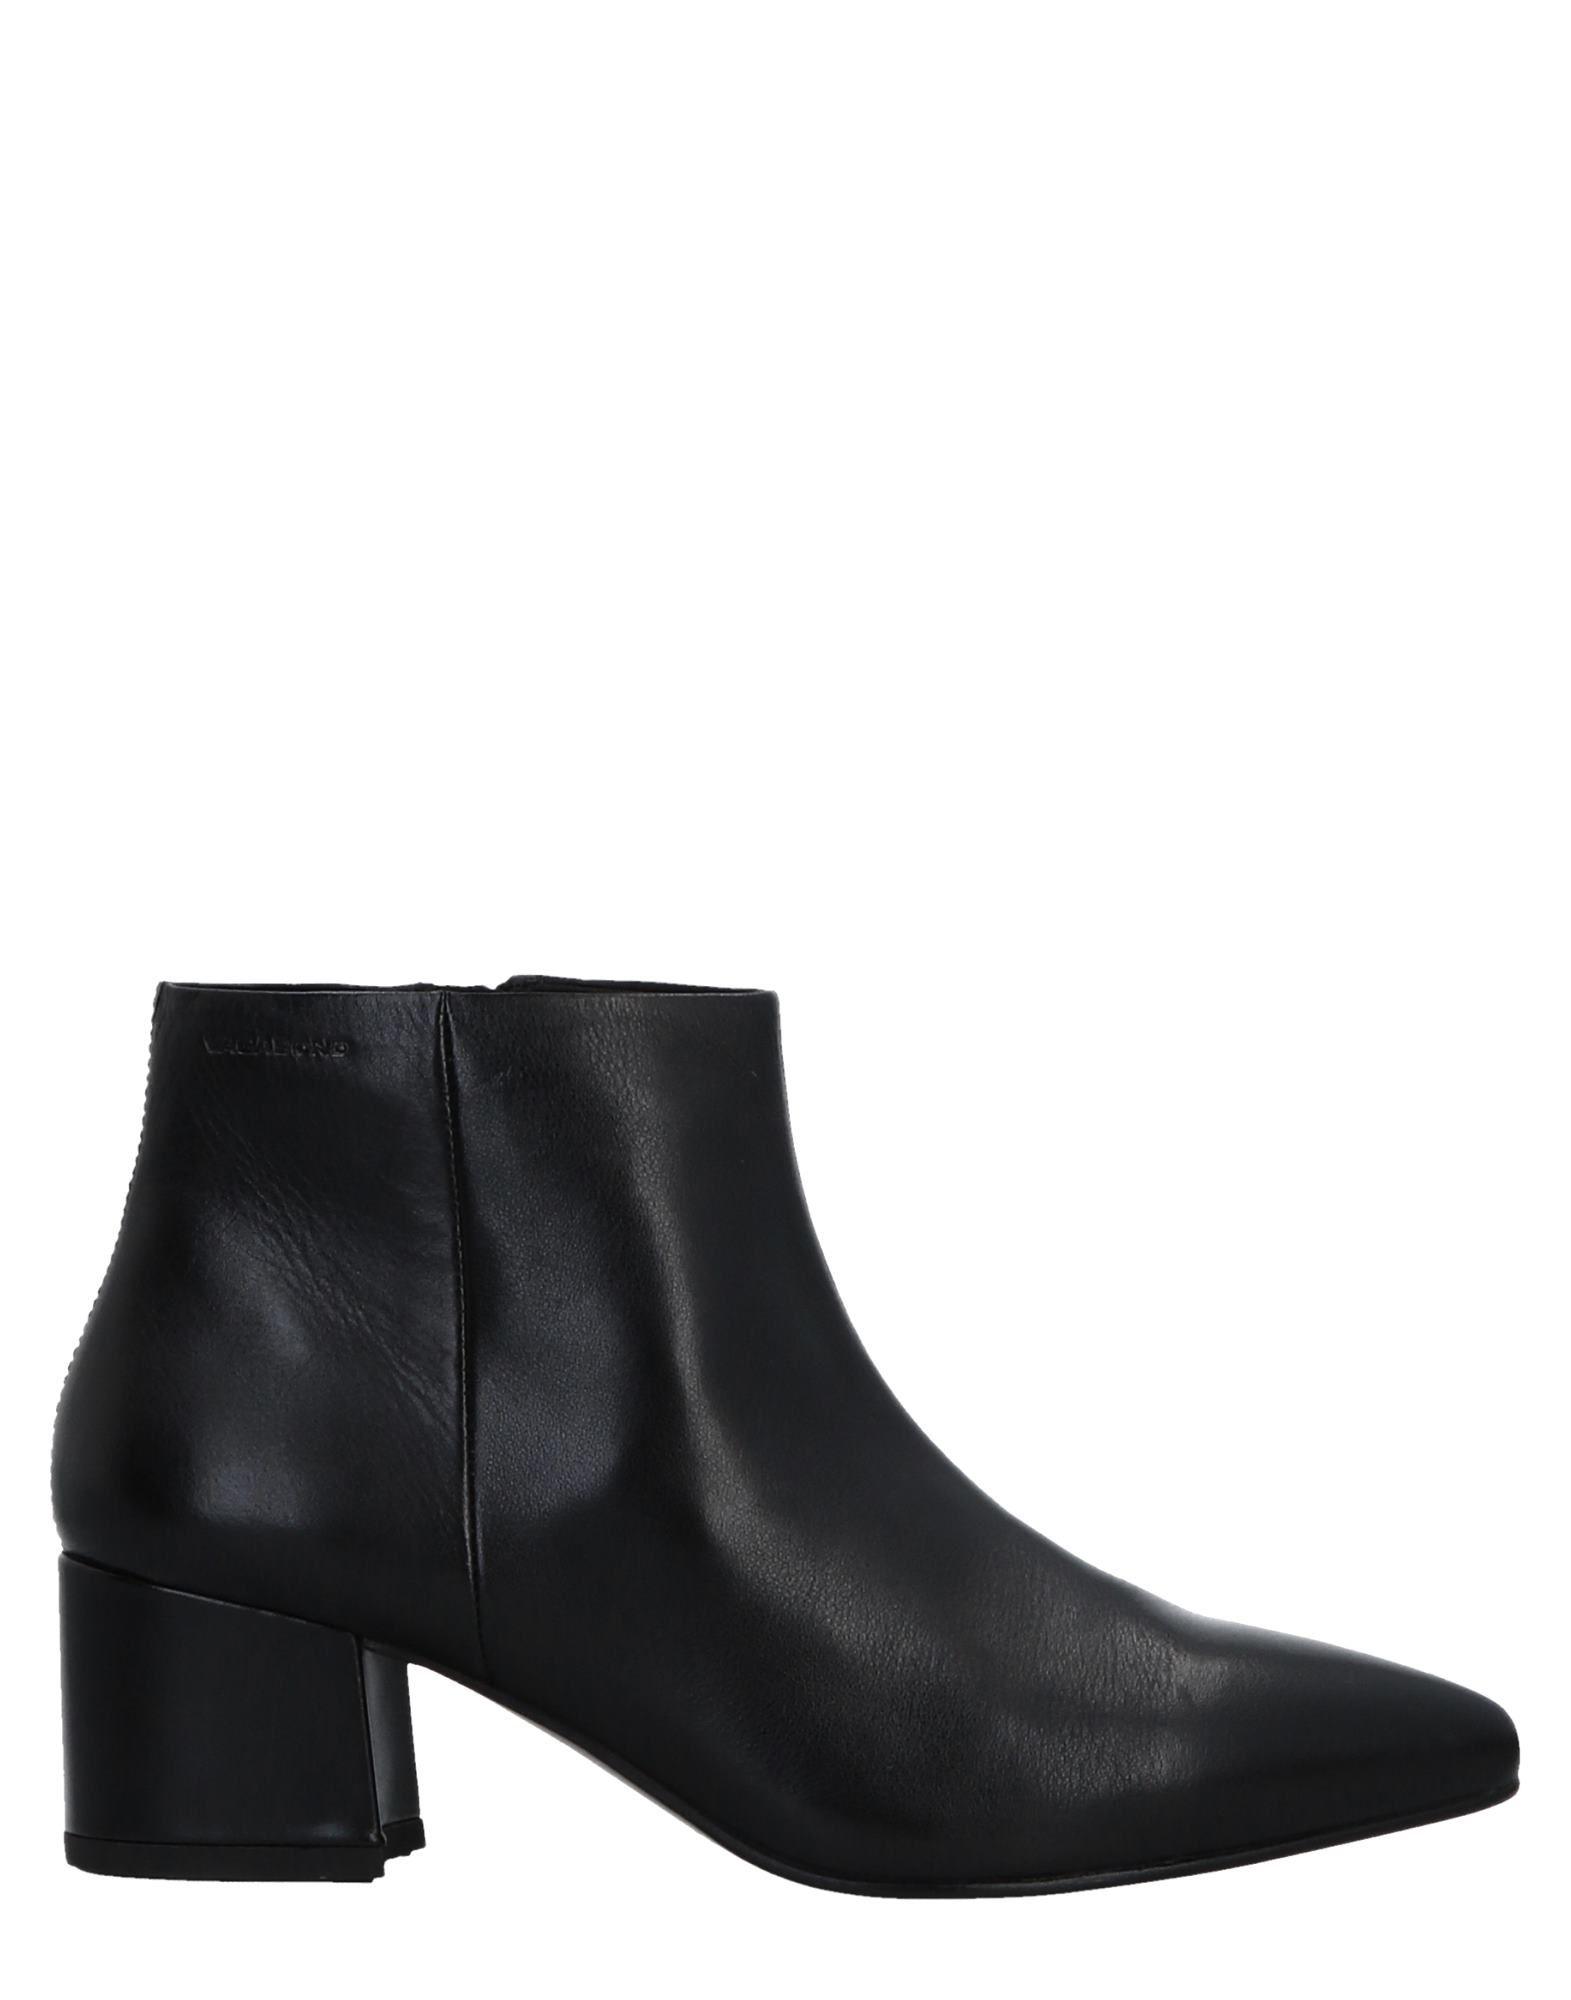 Stivaletti Vagabond Shoemakers Donna - 11513086NA